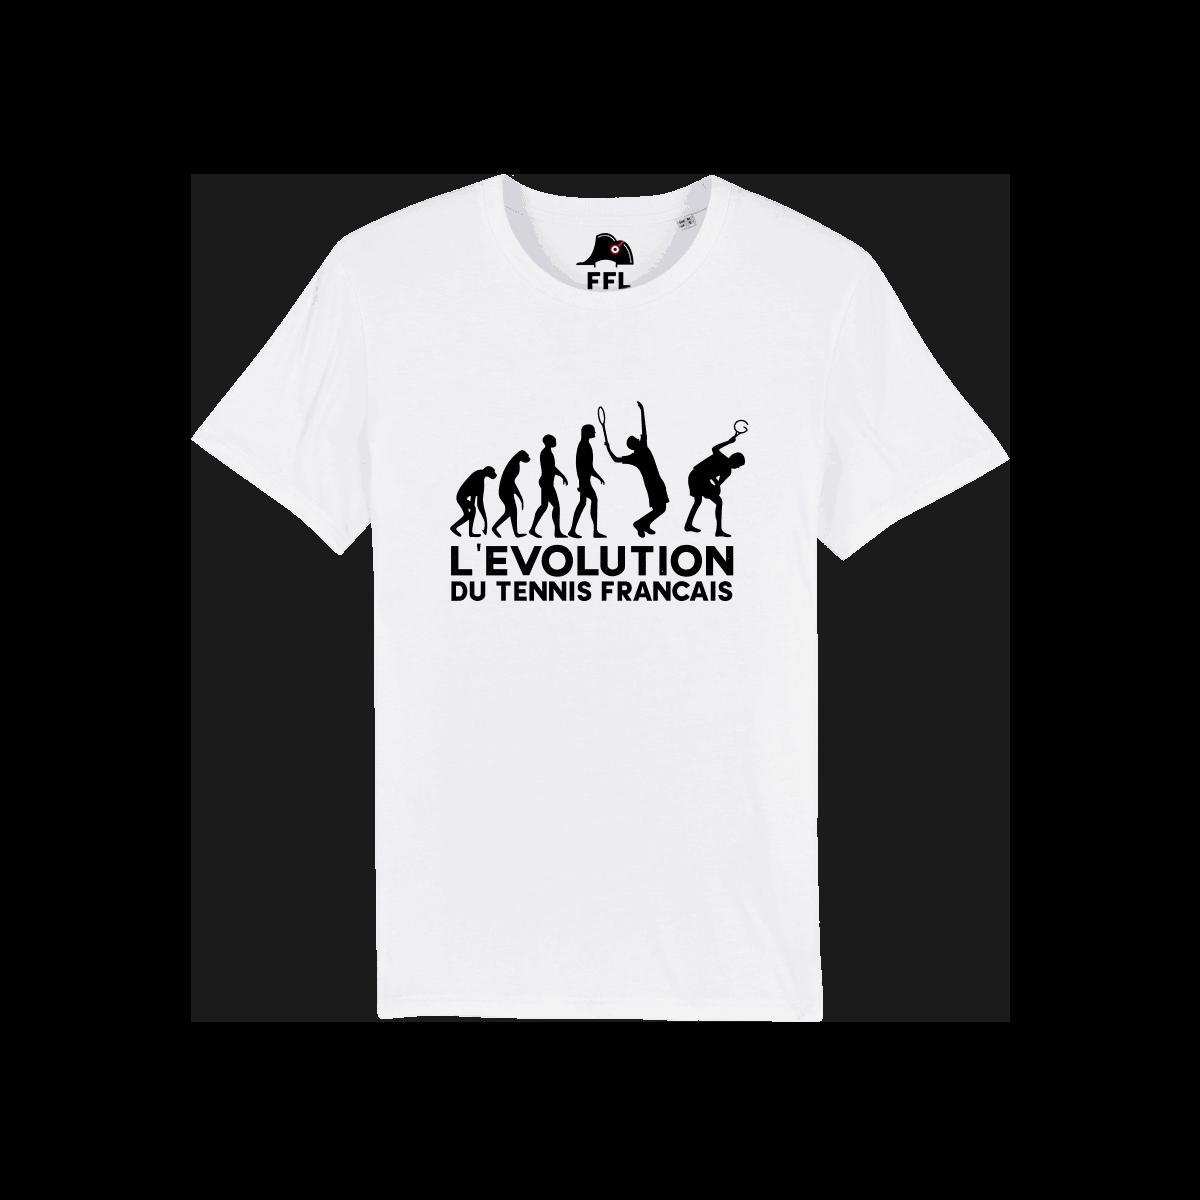 t-shirt évolution du tennis français FFL